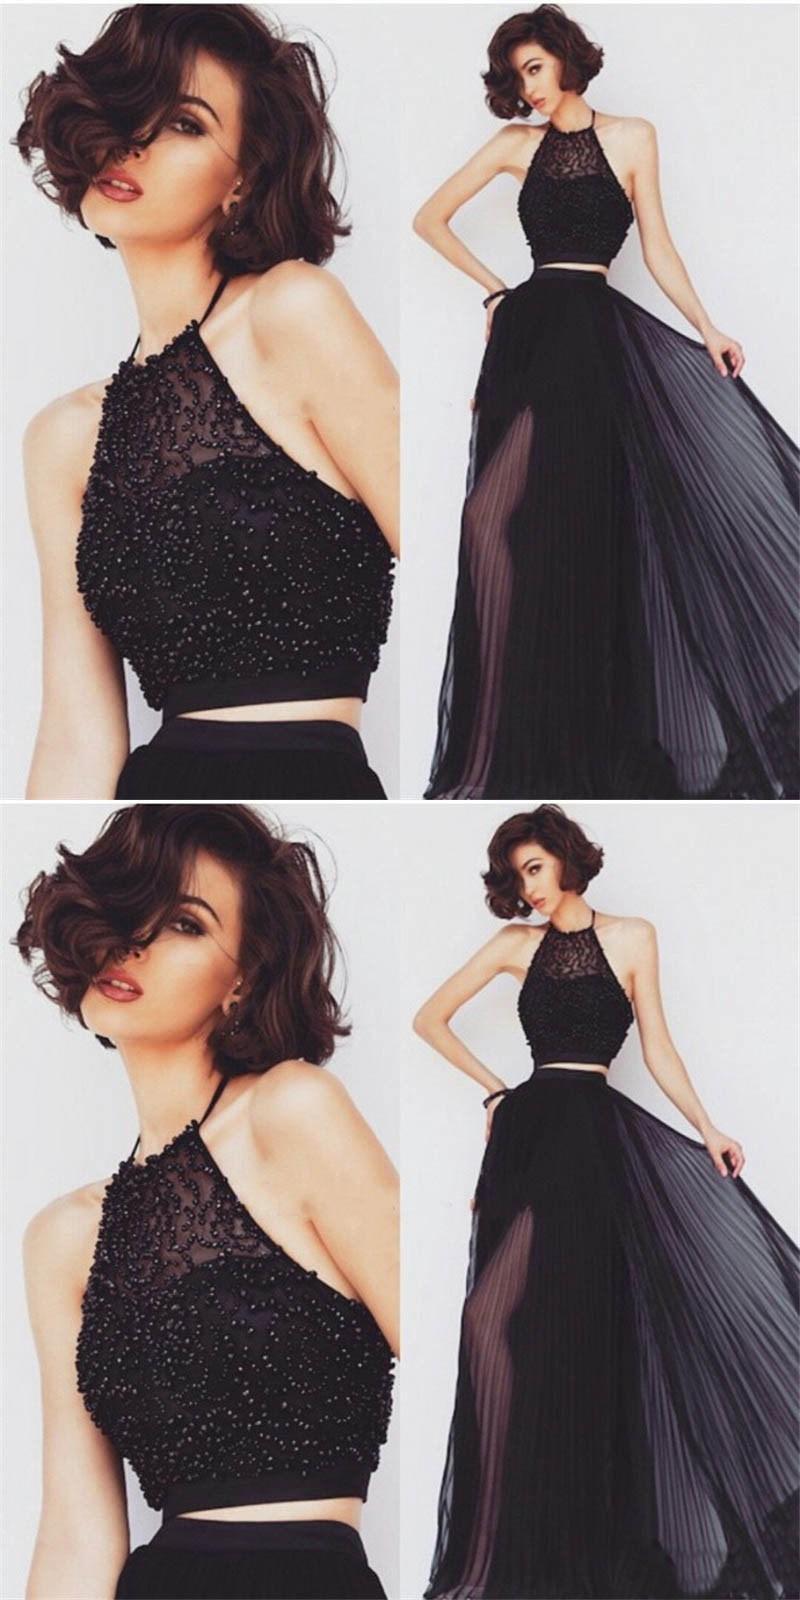 a49822f90e92 Black 2 Piece Prom Dresses